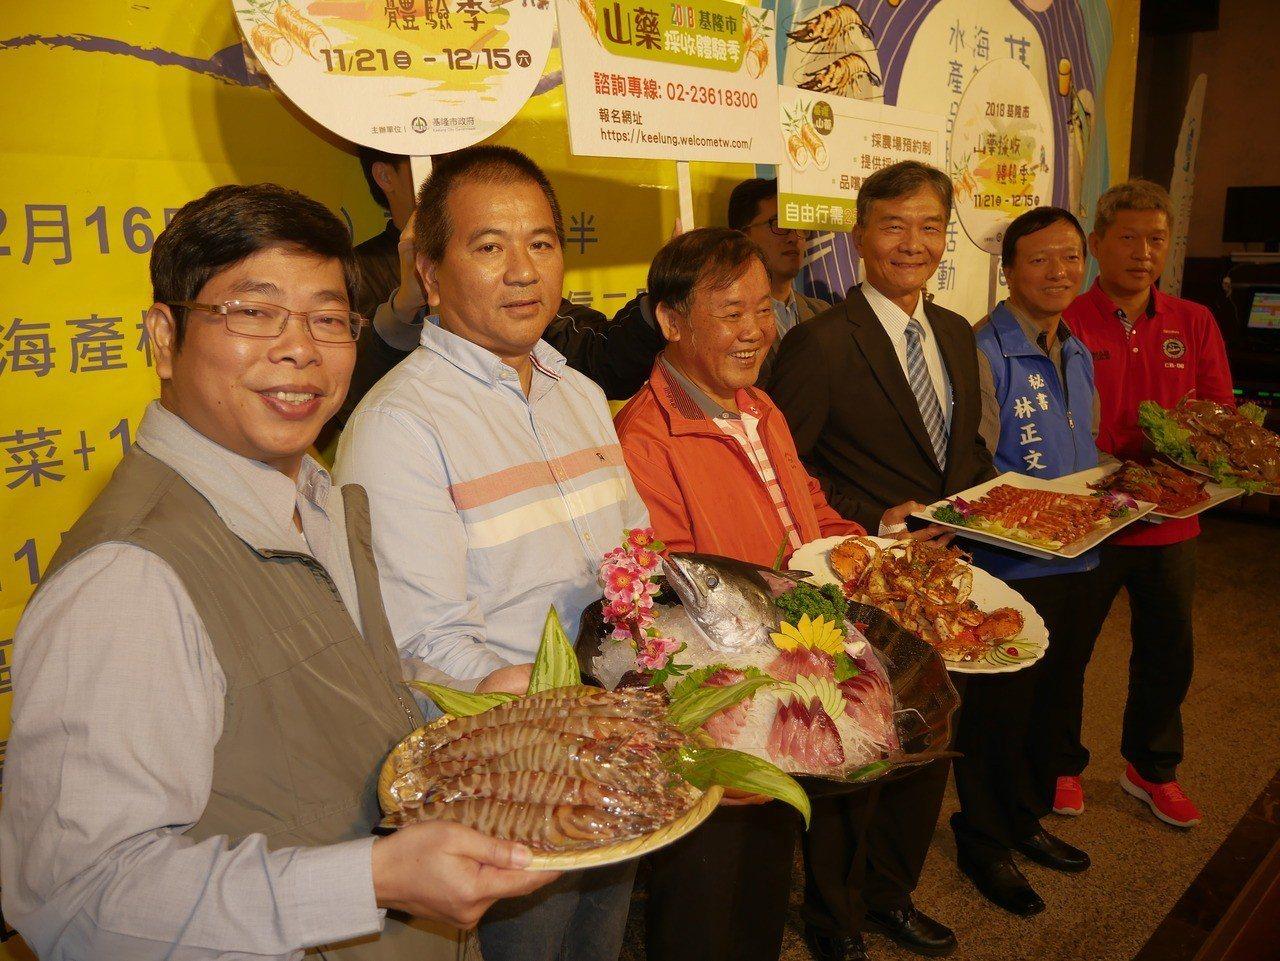 基隆本港尚青的魚貨大明蝦、黃金蟹、小捲或煙仔虎,現在正肥美,基隆市政府與漁會及餐...